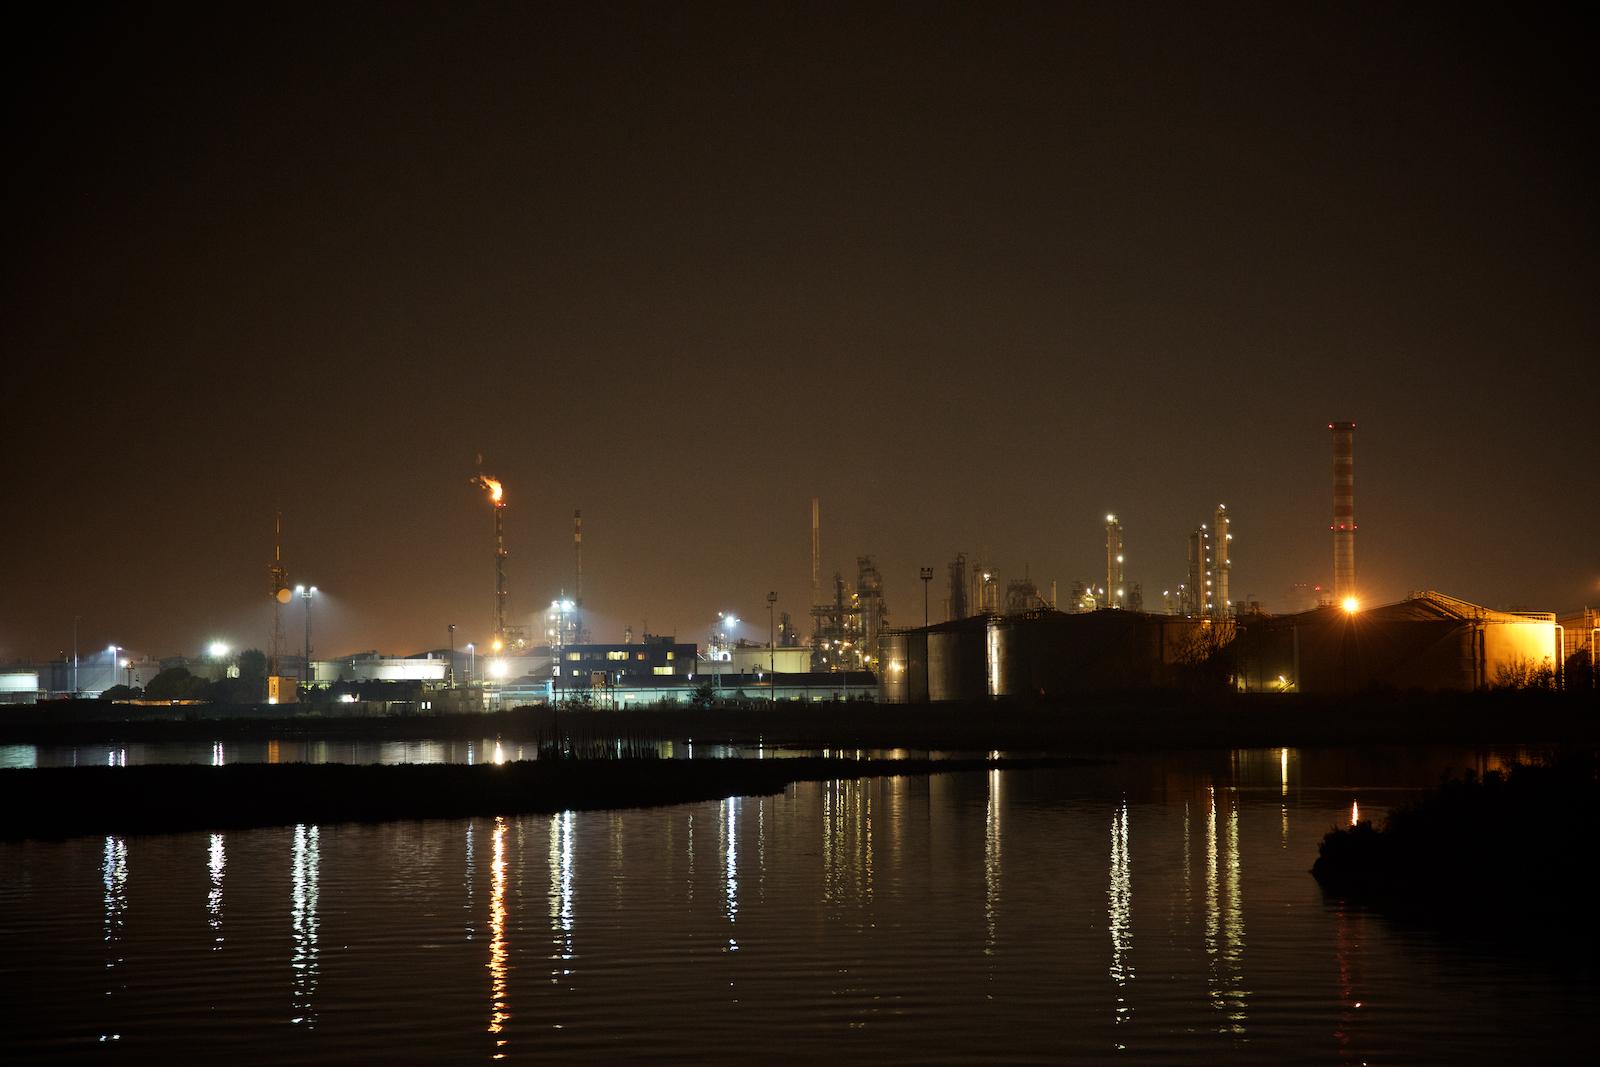 Vista notturna della raffineria ENI di Porto Marghera da Ponte della Libertà, che collega Venezia alla terraferma. Novembre 2014.